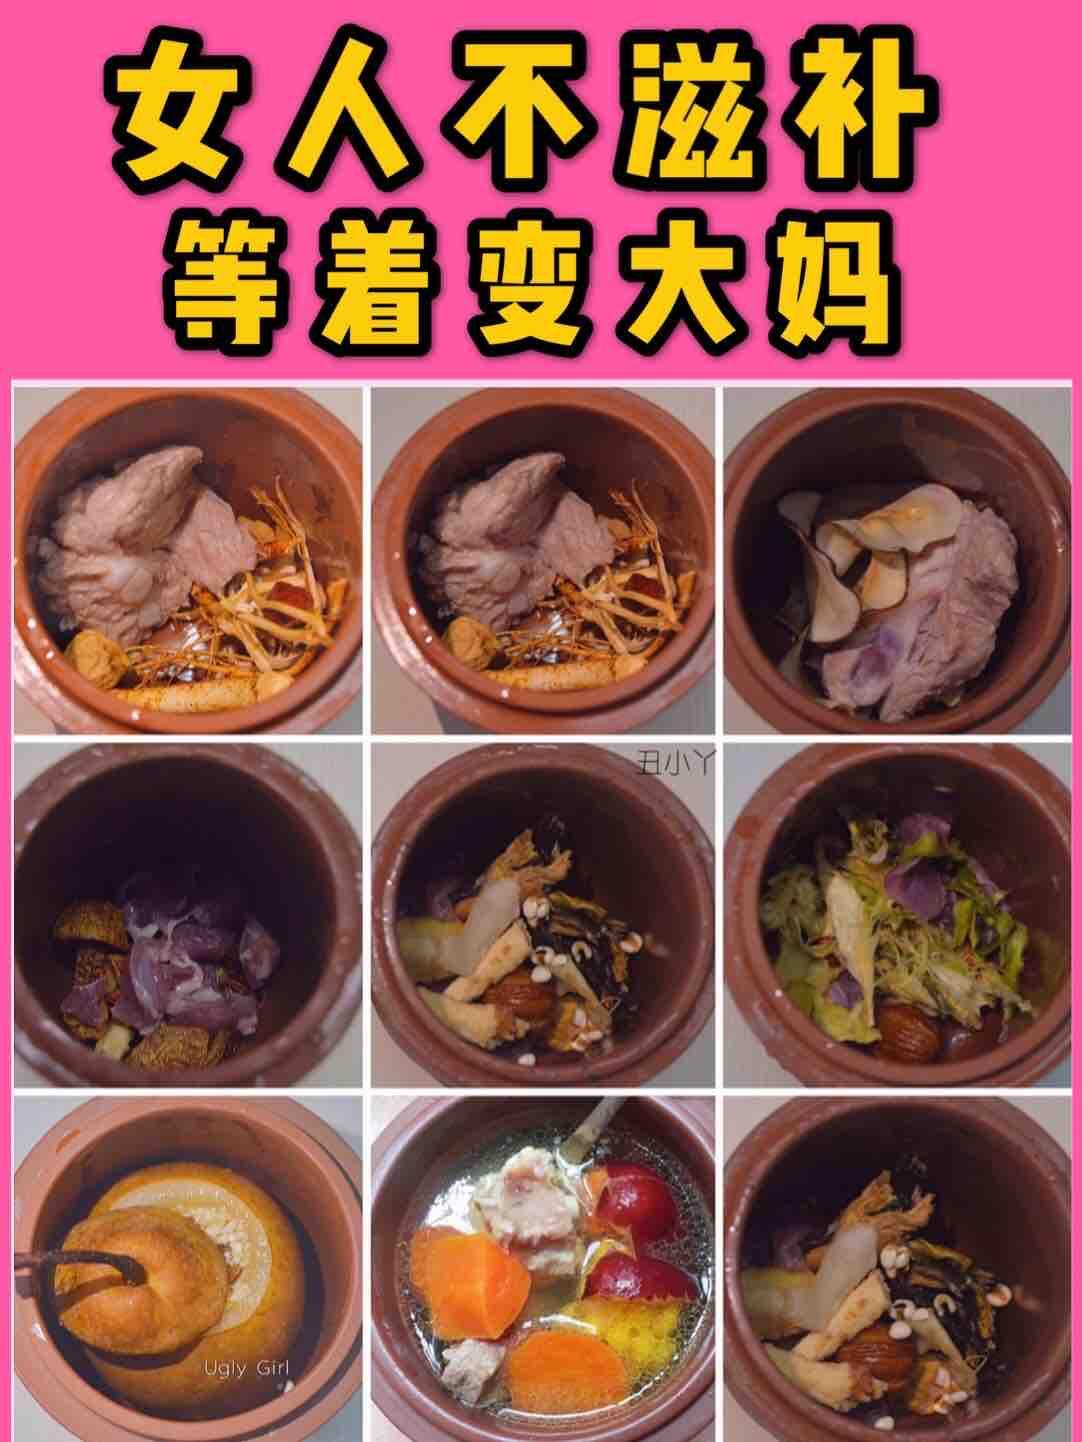 花生猪蹄汤|补充胶原蛋白